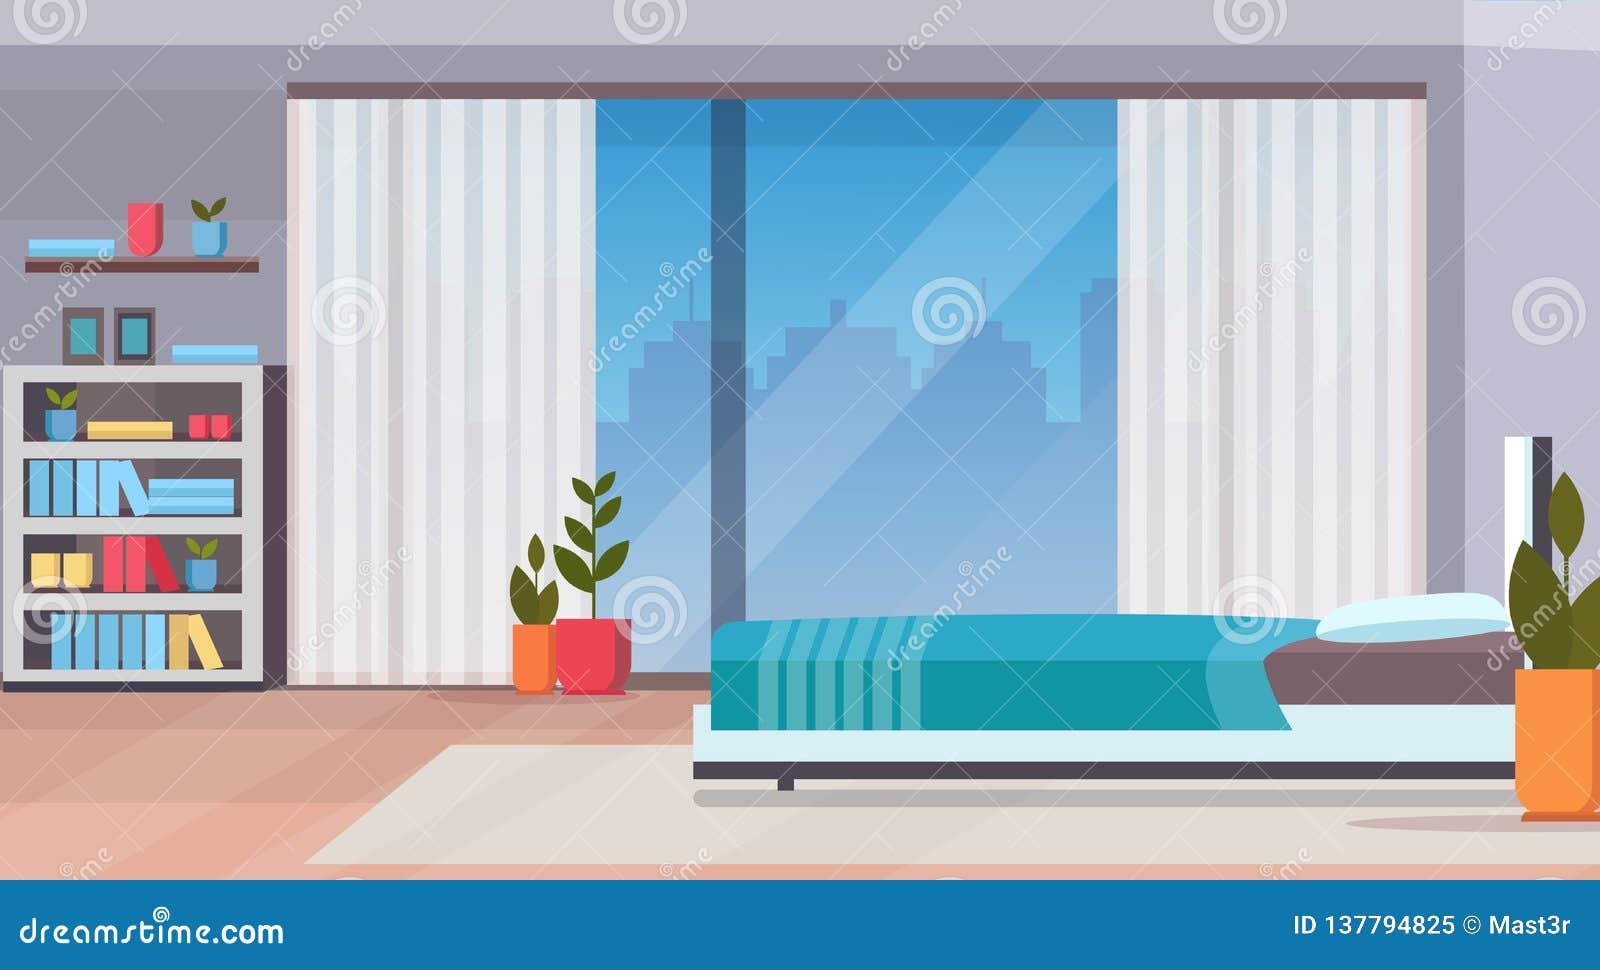 Nowożytny domowy sypialnia wewnętrznego projekta współczesny łóżkowy pokój no opróżnia żadny ludzi mieszkanie pejzażu miejskiego